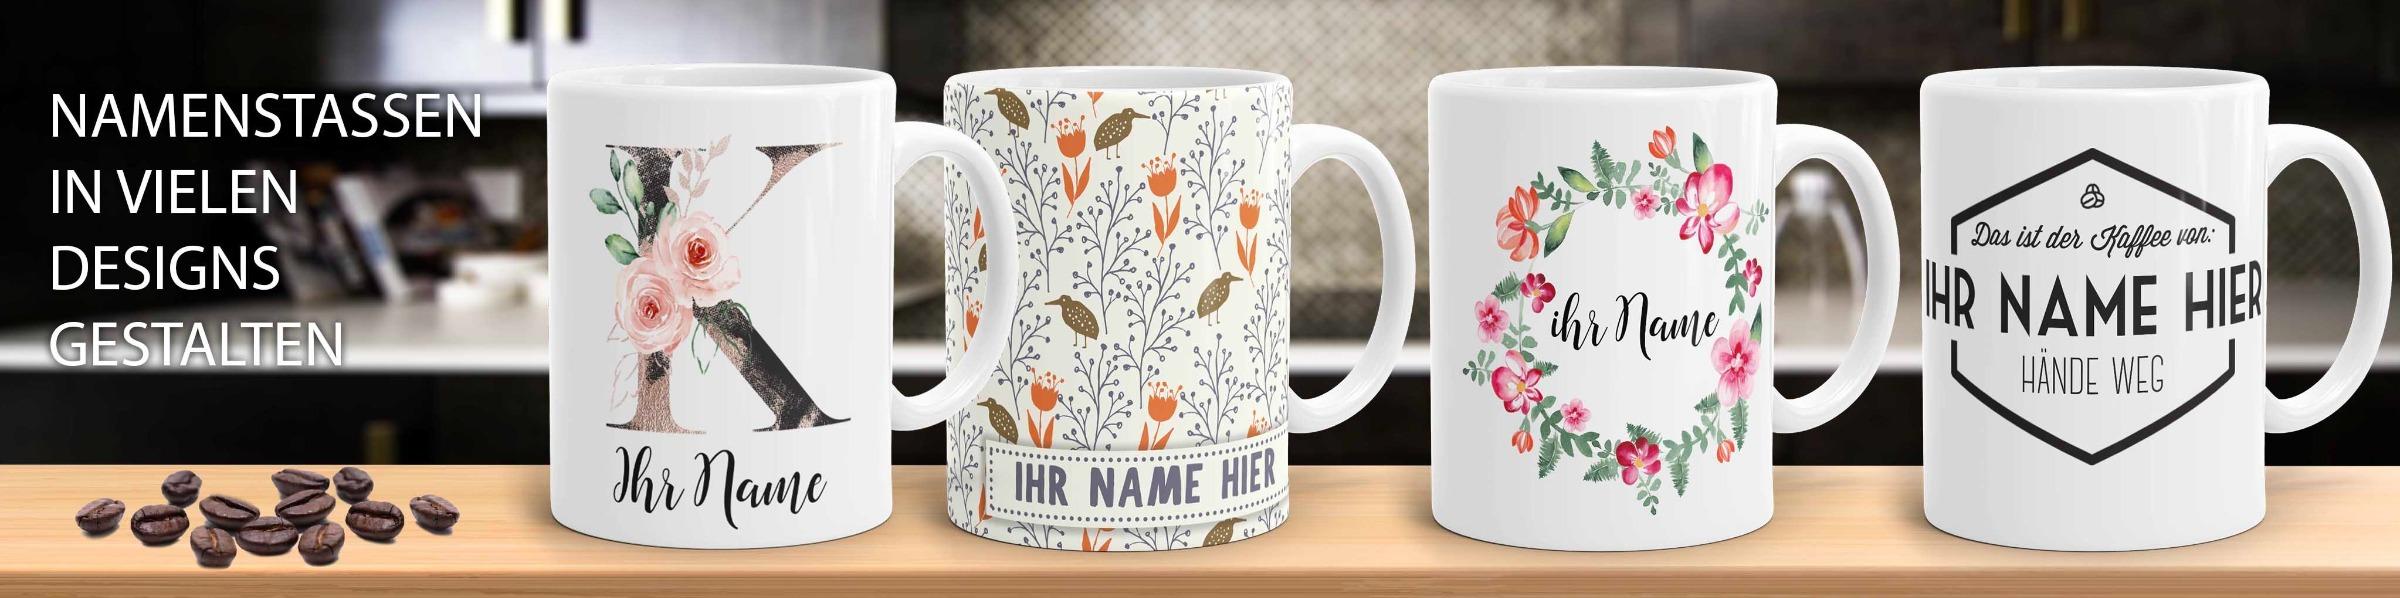 Namenstassen und Tasse mit Namen